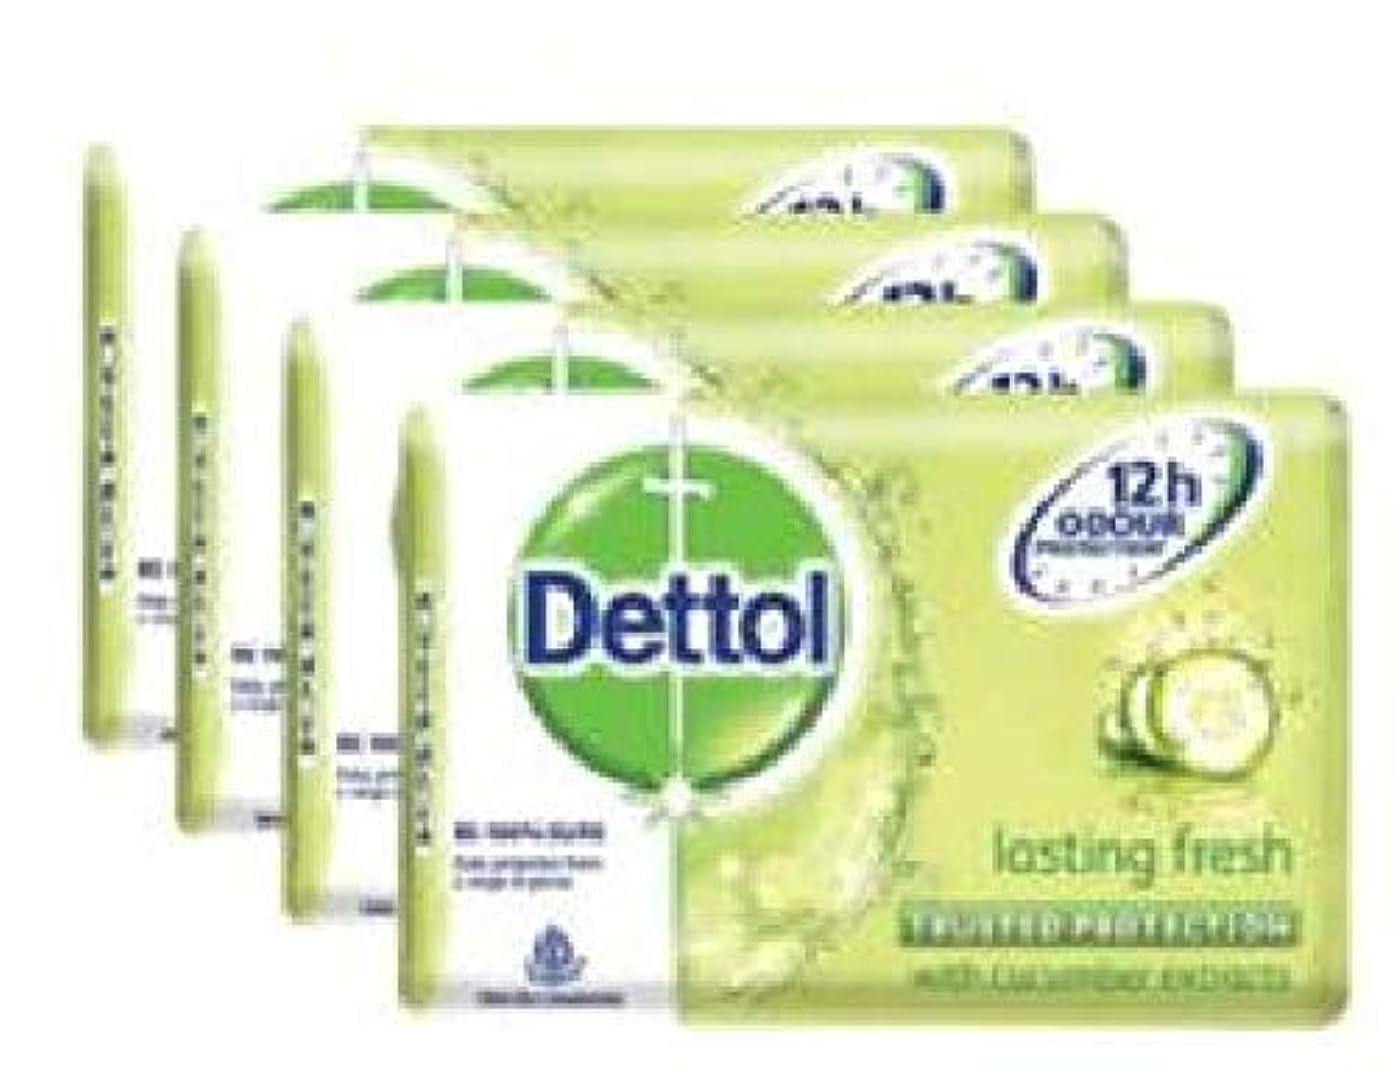 契約するオペラ曇ったDettol 新鮮4x105g-を持続固形石鹸は、あなたが自由生殖続け、石鹸は肌にもとても優しいです